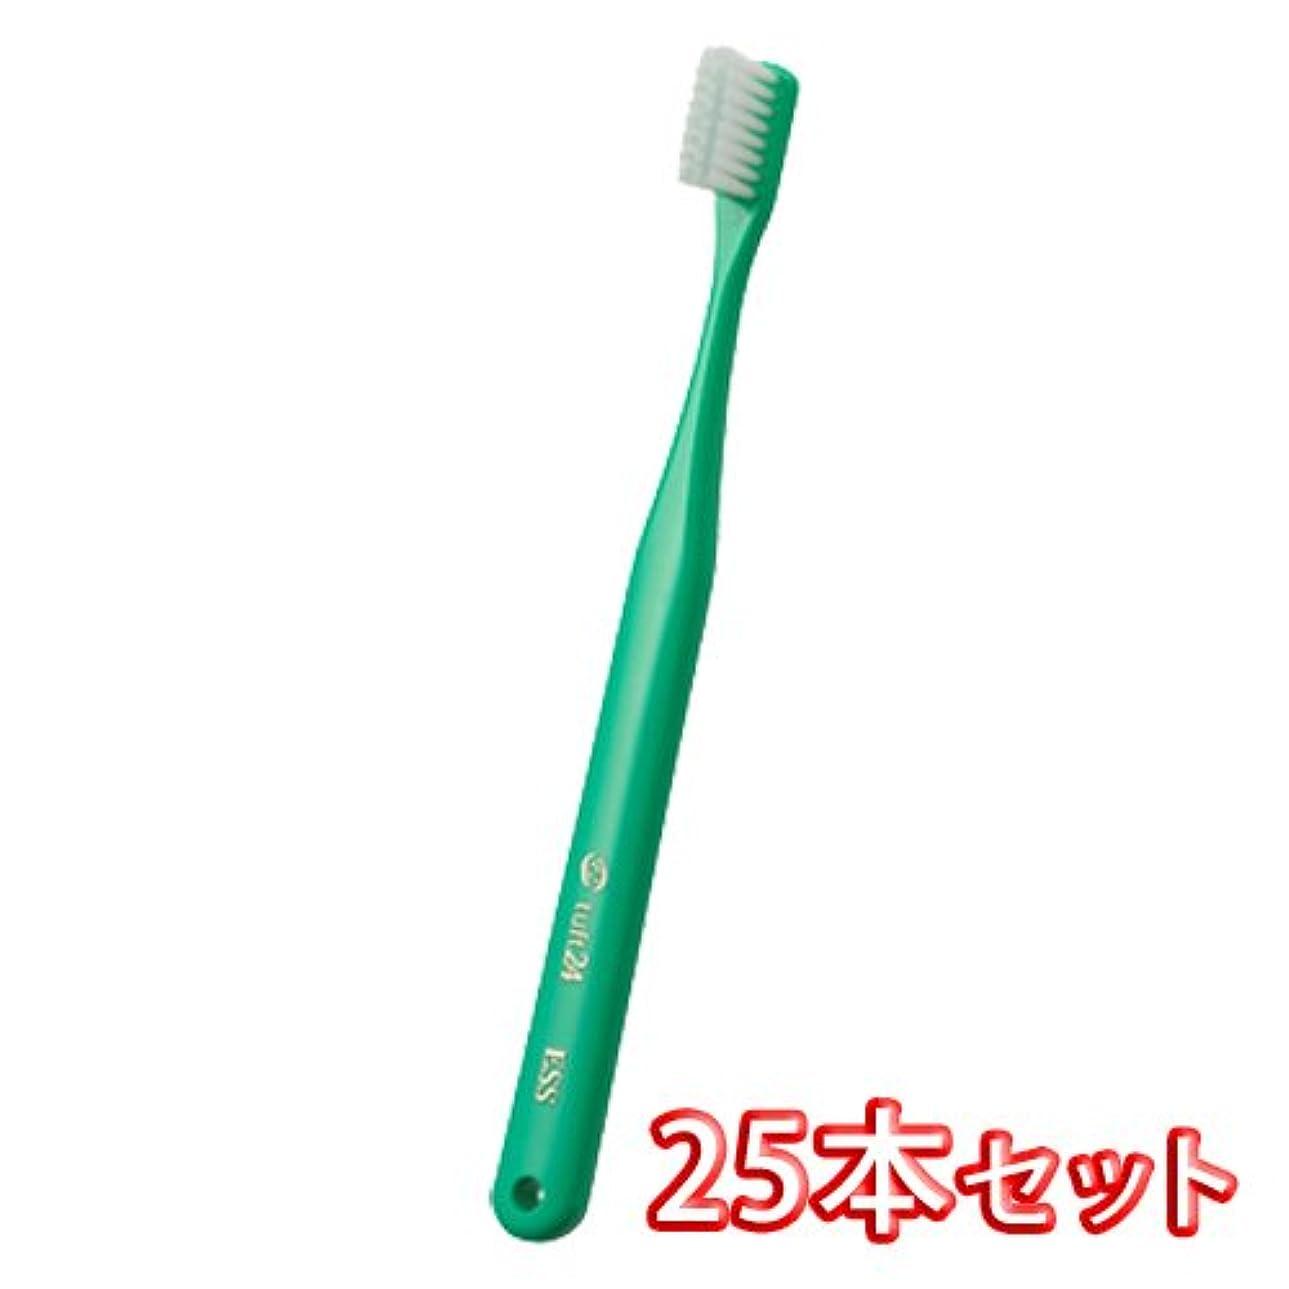 絡まる第二にトラフオーラルケア キャップ付き タフト 24 歯ブラシ 25本入 ミディアムハード MH (グリーン)